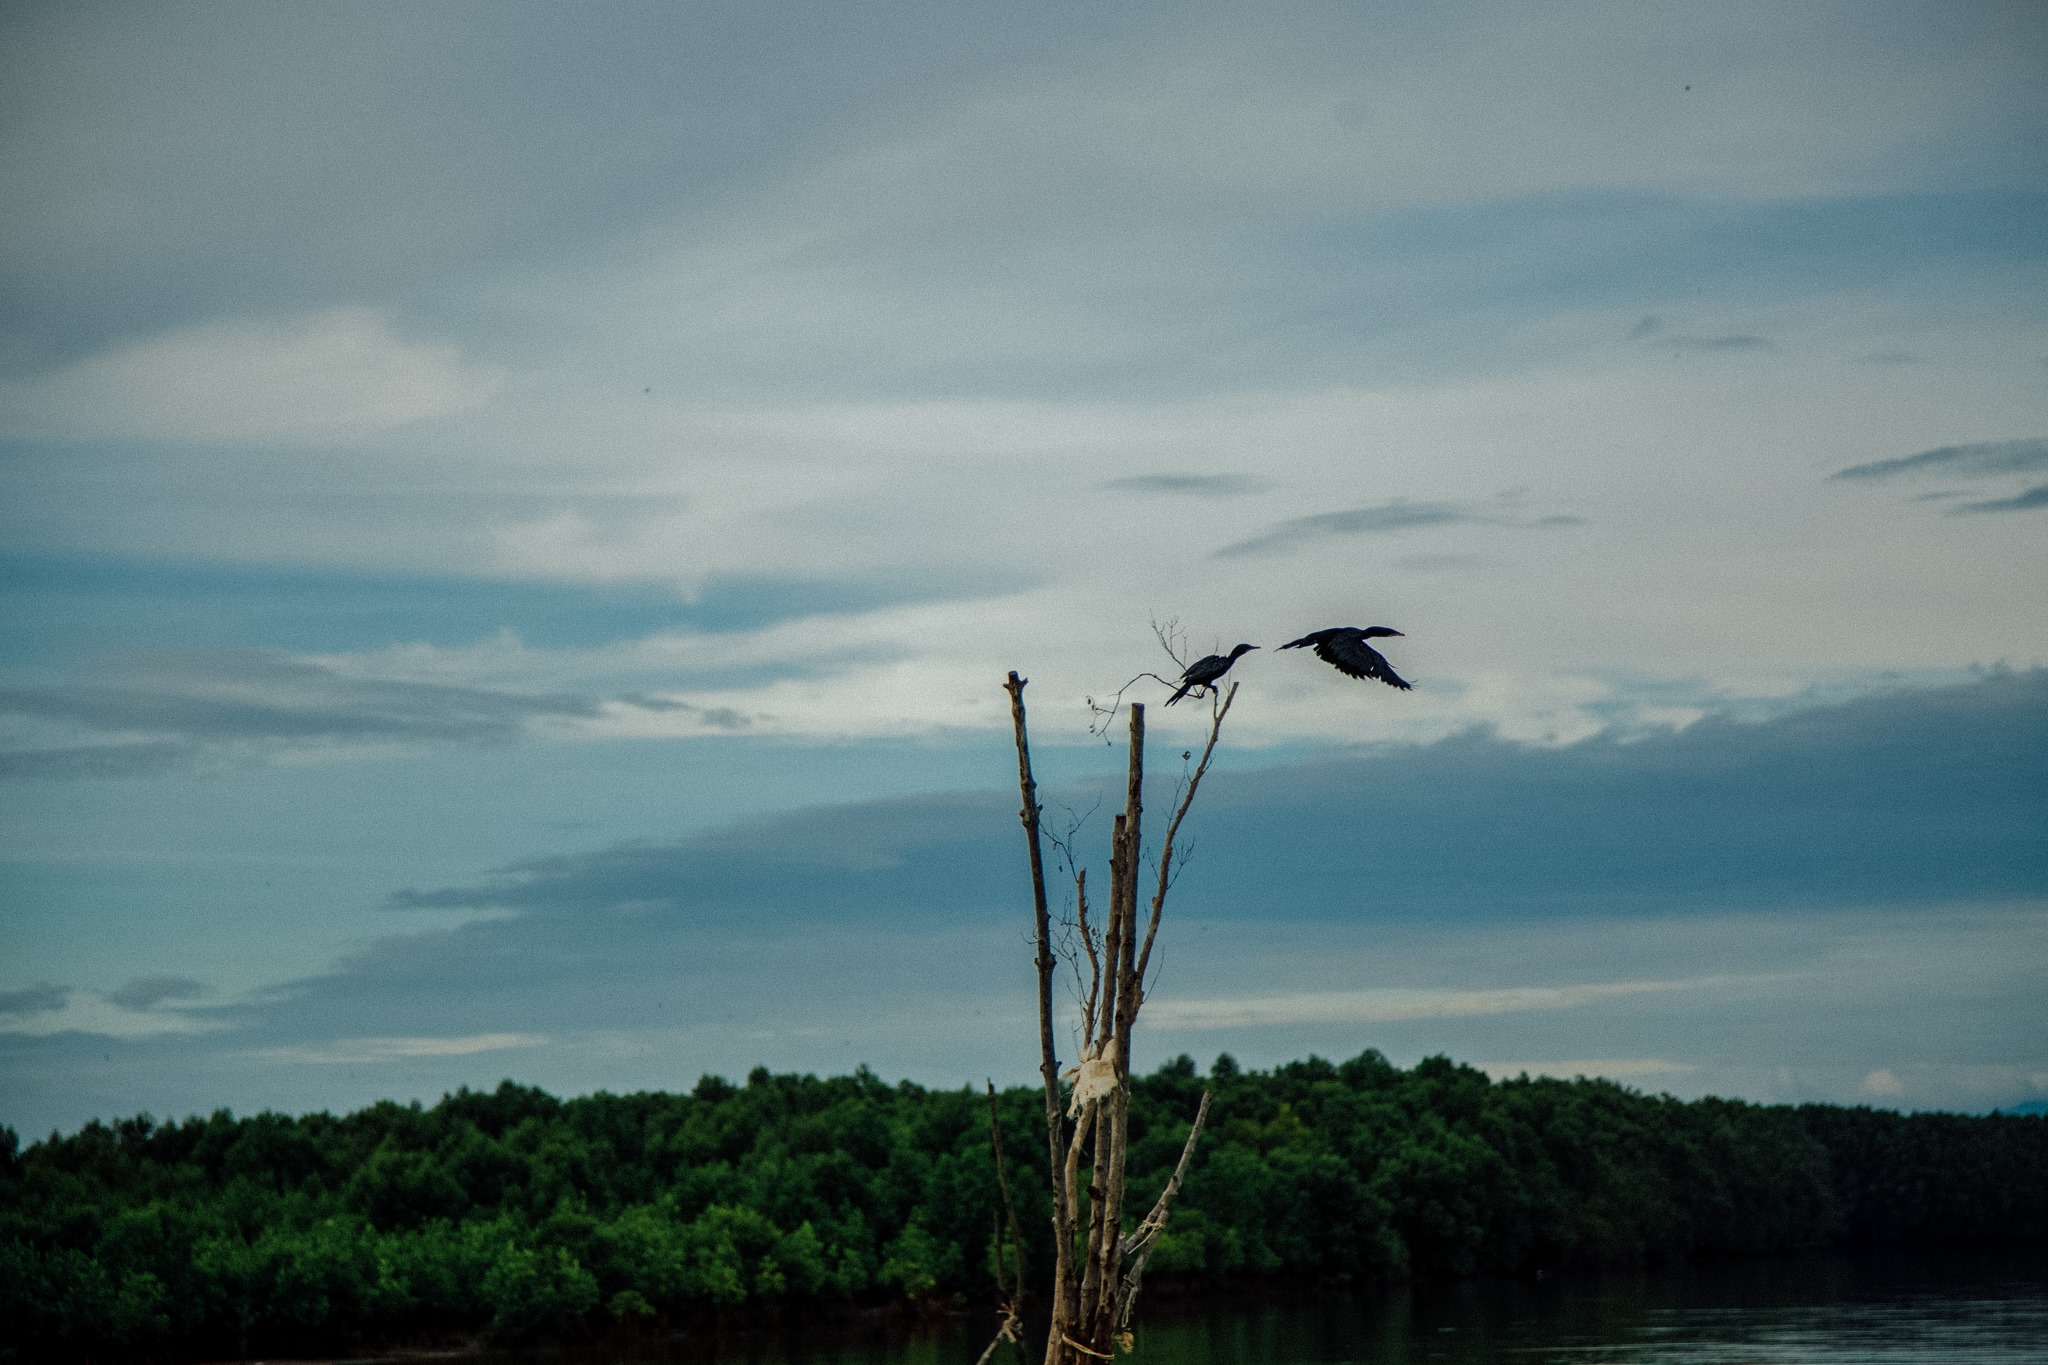 ธรรมชาติ,ลำธาร,ป่าเขา,นครศรีธรรมราช,เมืองคอน,รวมรีวิว,จุดเช็คอิน